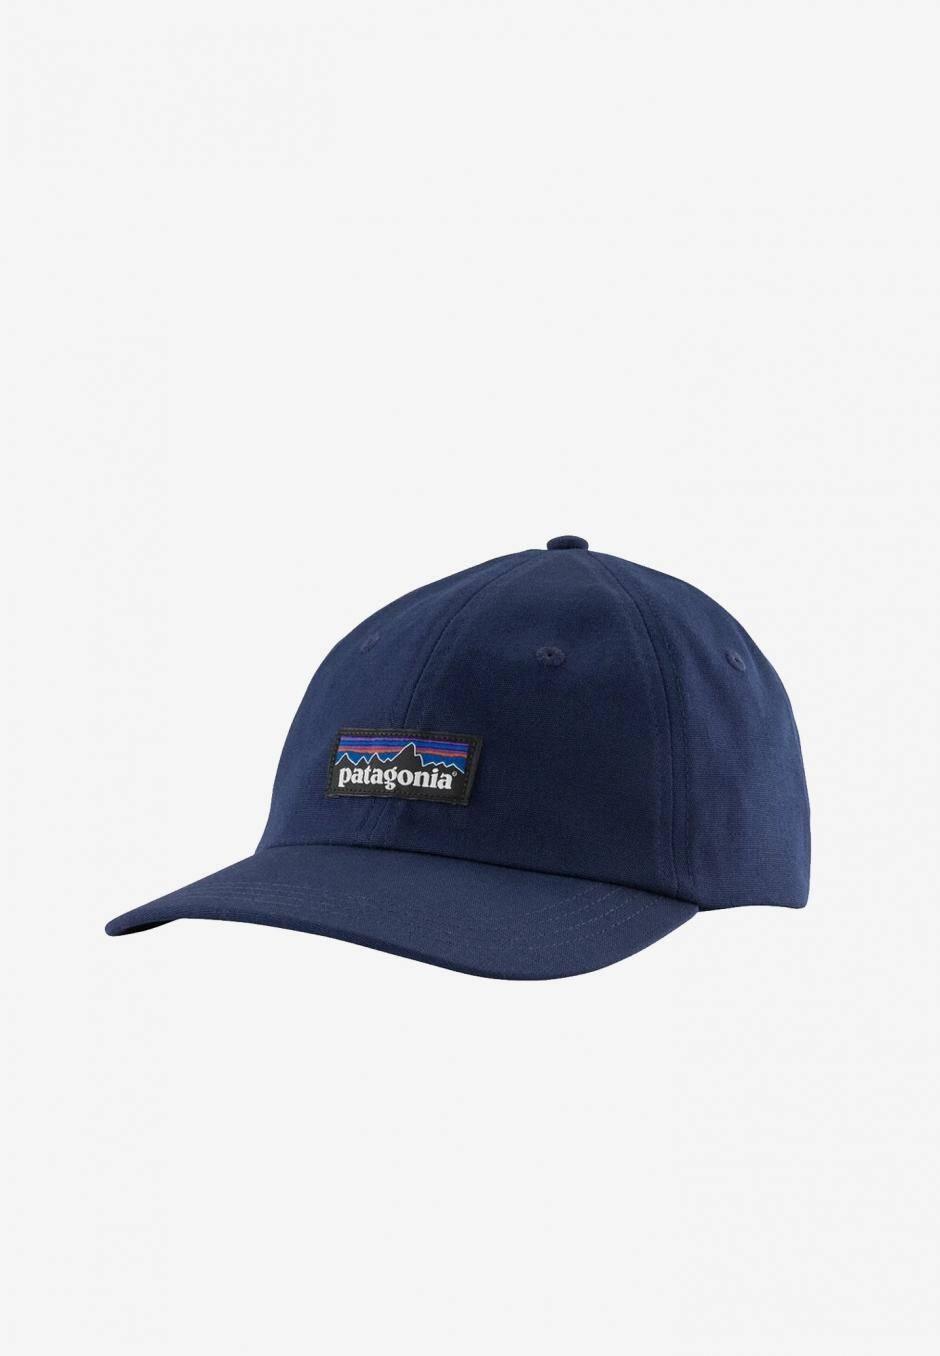 Patagonia P-6 Label Trap Cap